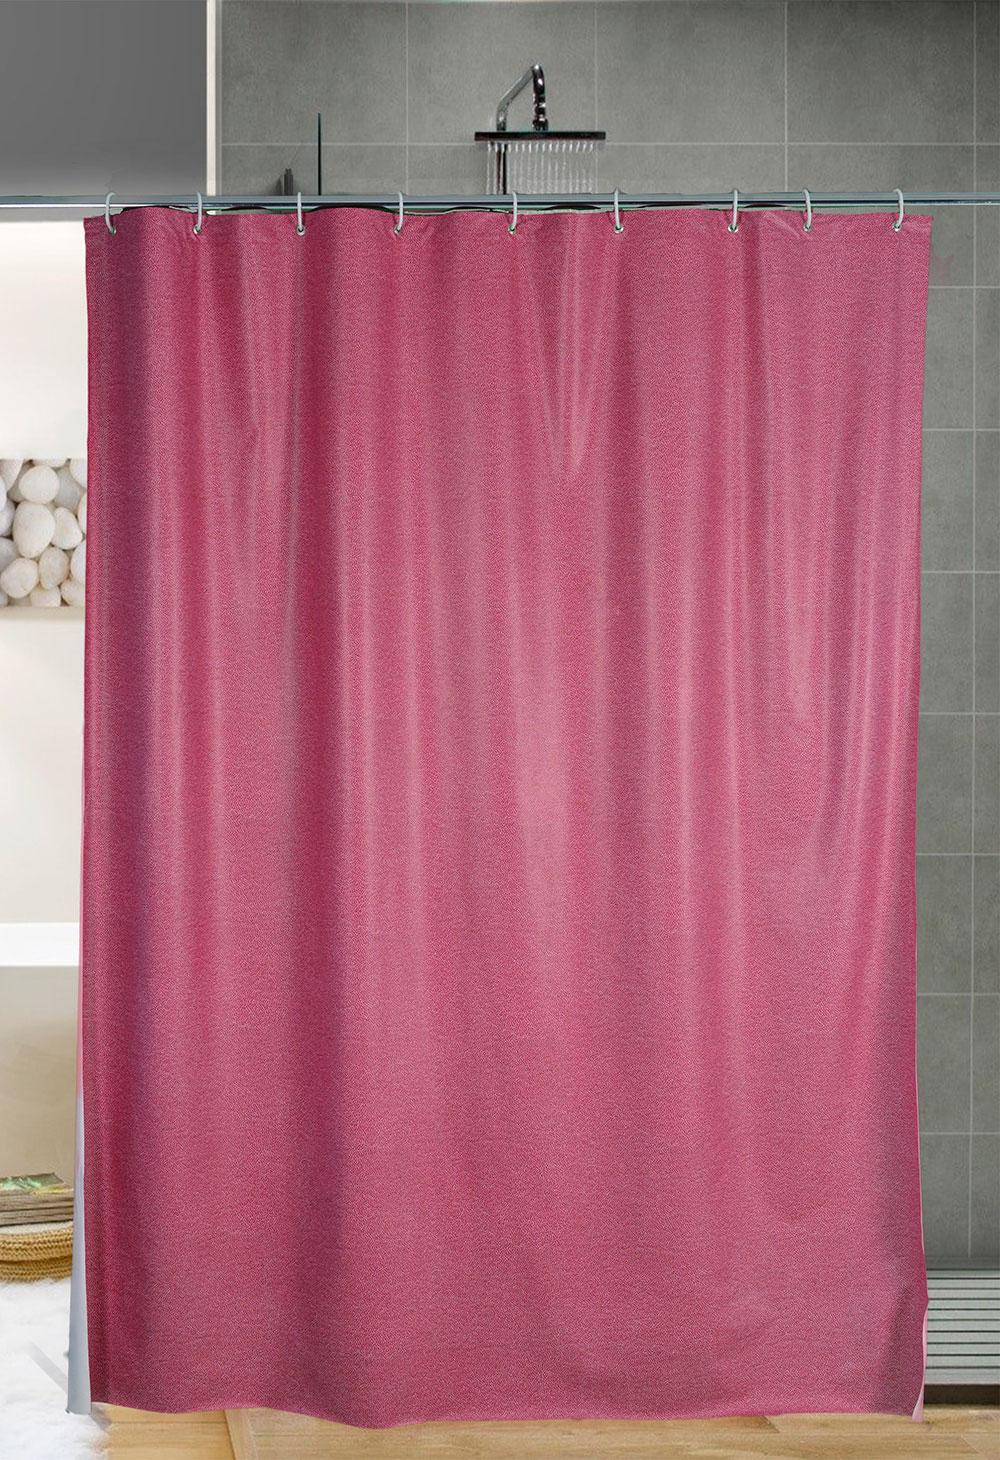 cortina bano texturada 1